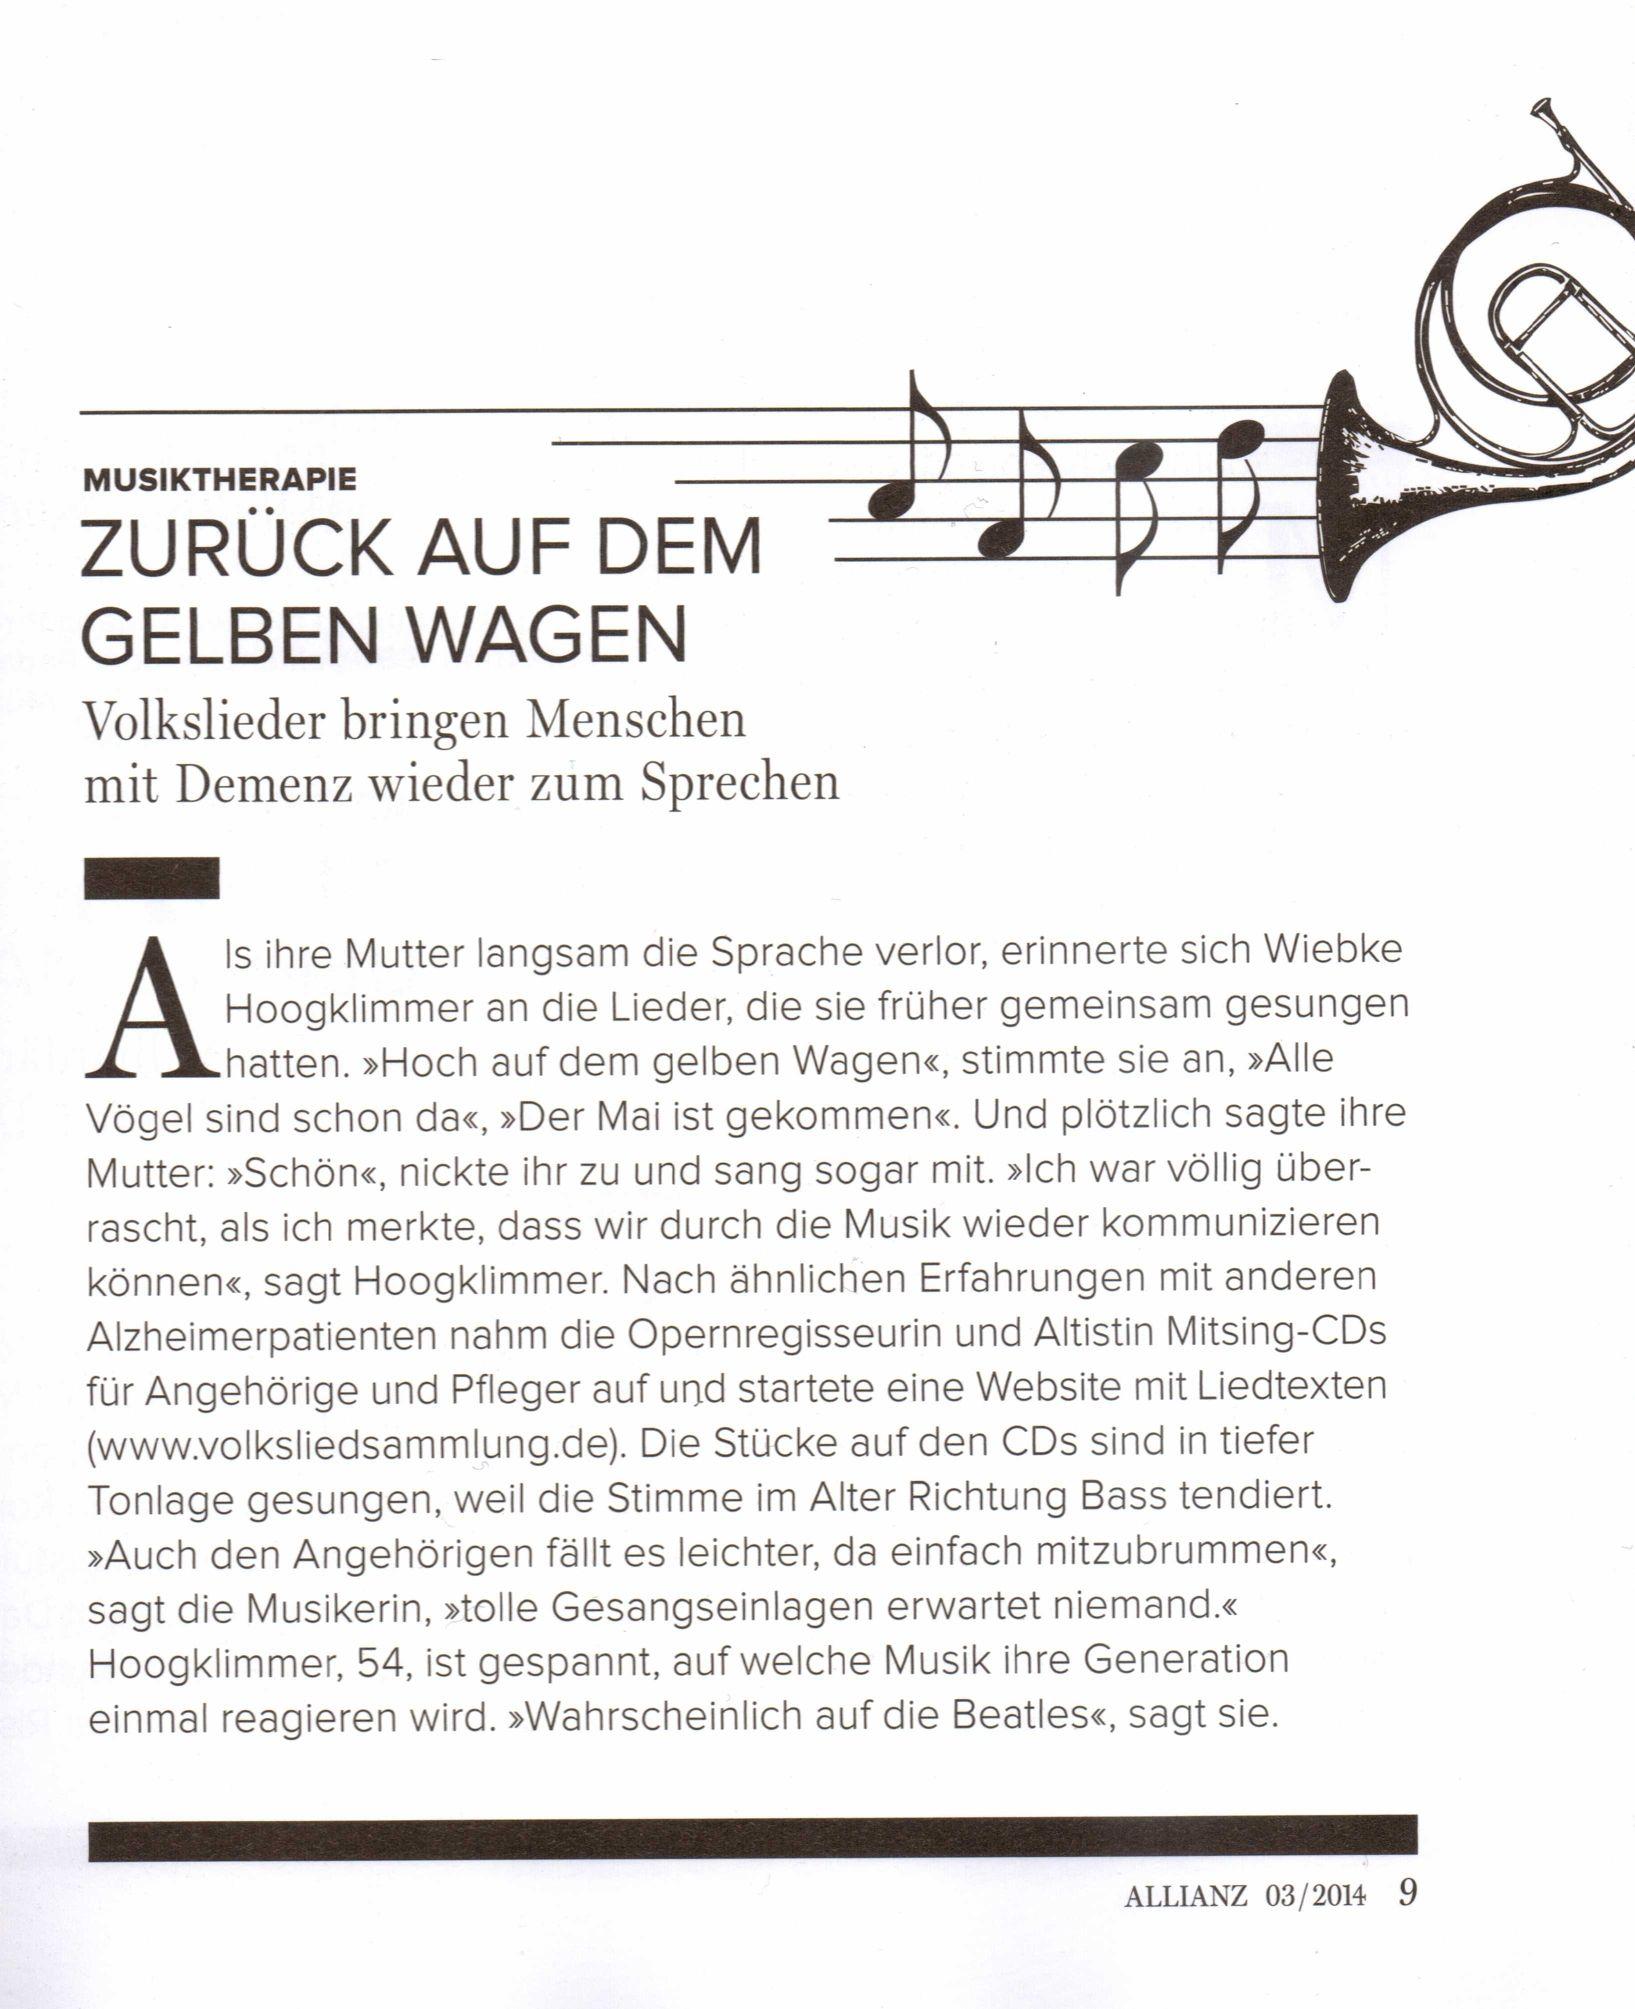 """""""Volkslieder bringen Menschen mit Demenz wieder zum Sprechen"""" - 1890 Das Allianz Magazin 03/2014"""